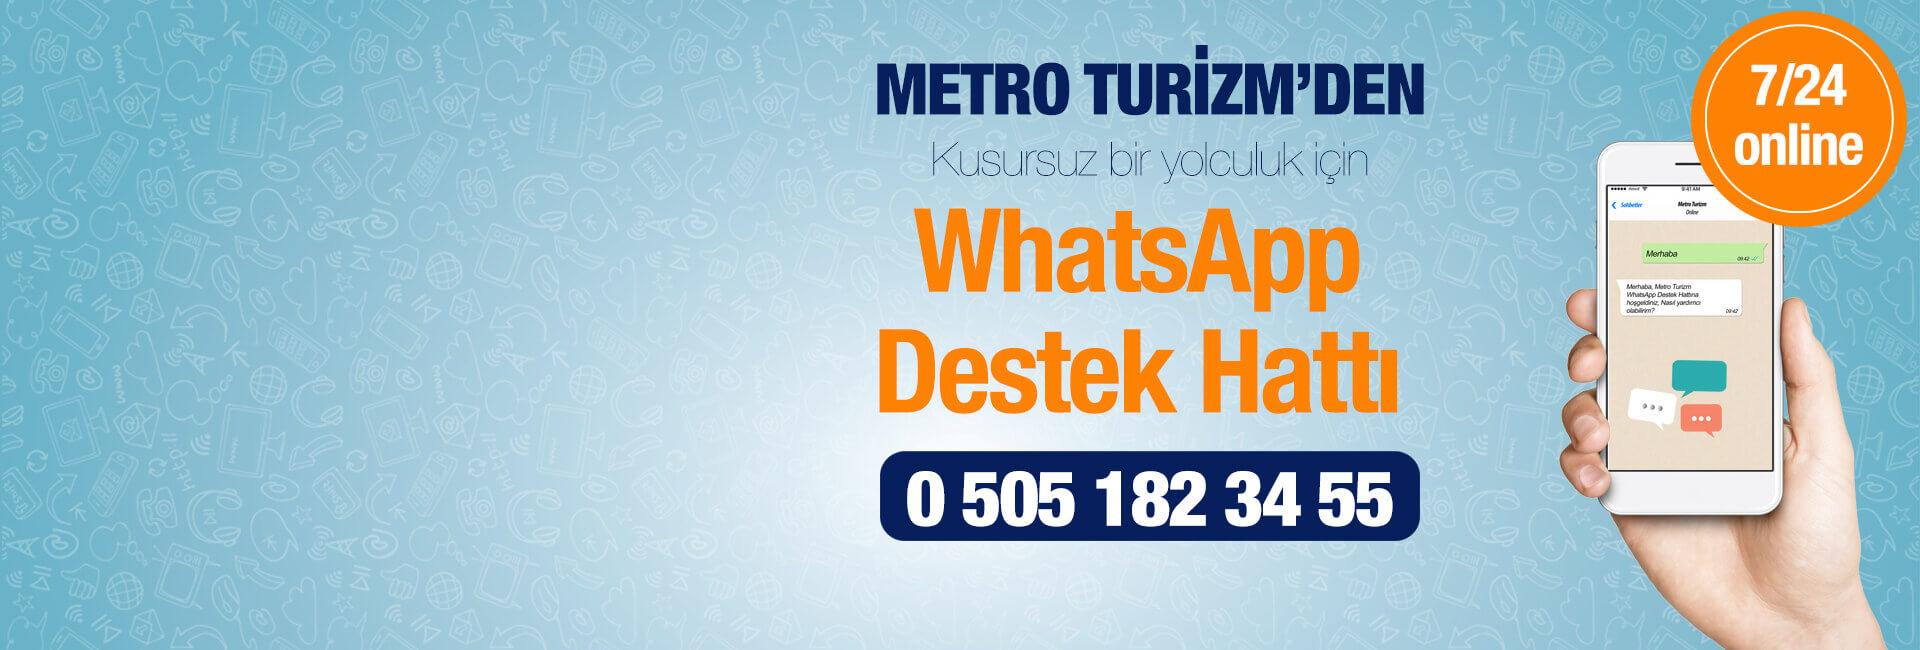 Metro Müşteri Hizmetleri Telefon Numarası